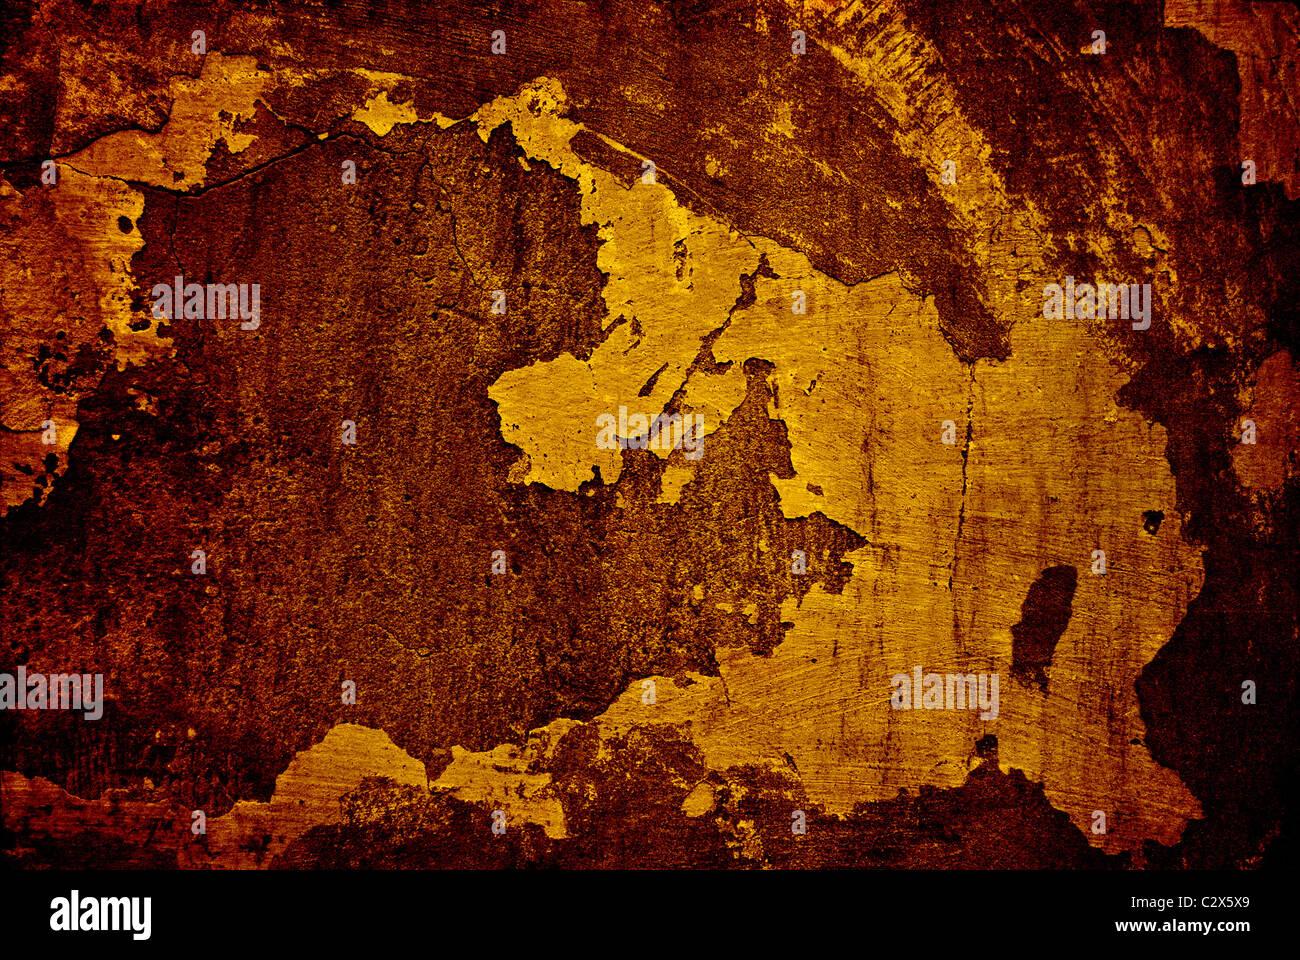 schmutzige Wand Oberflächenstruktur Stockbild